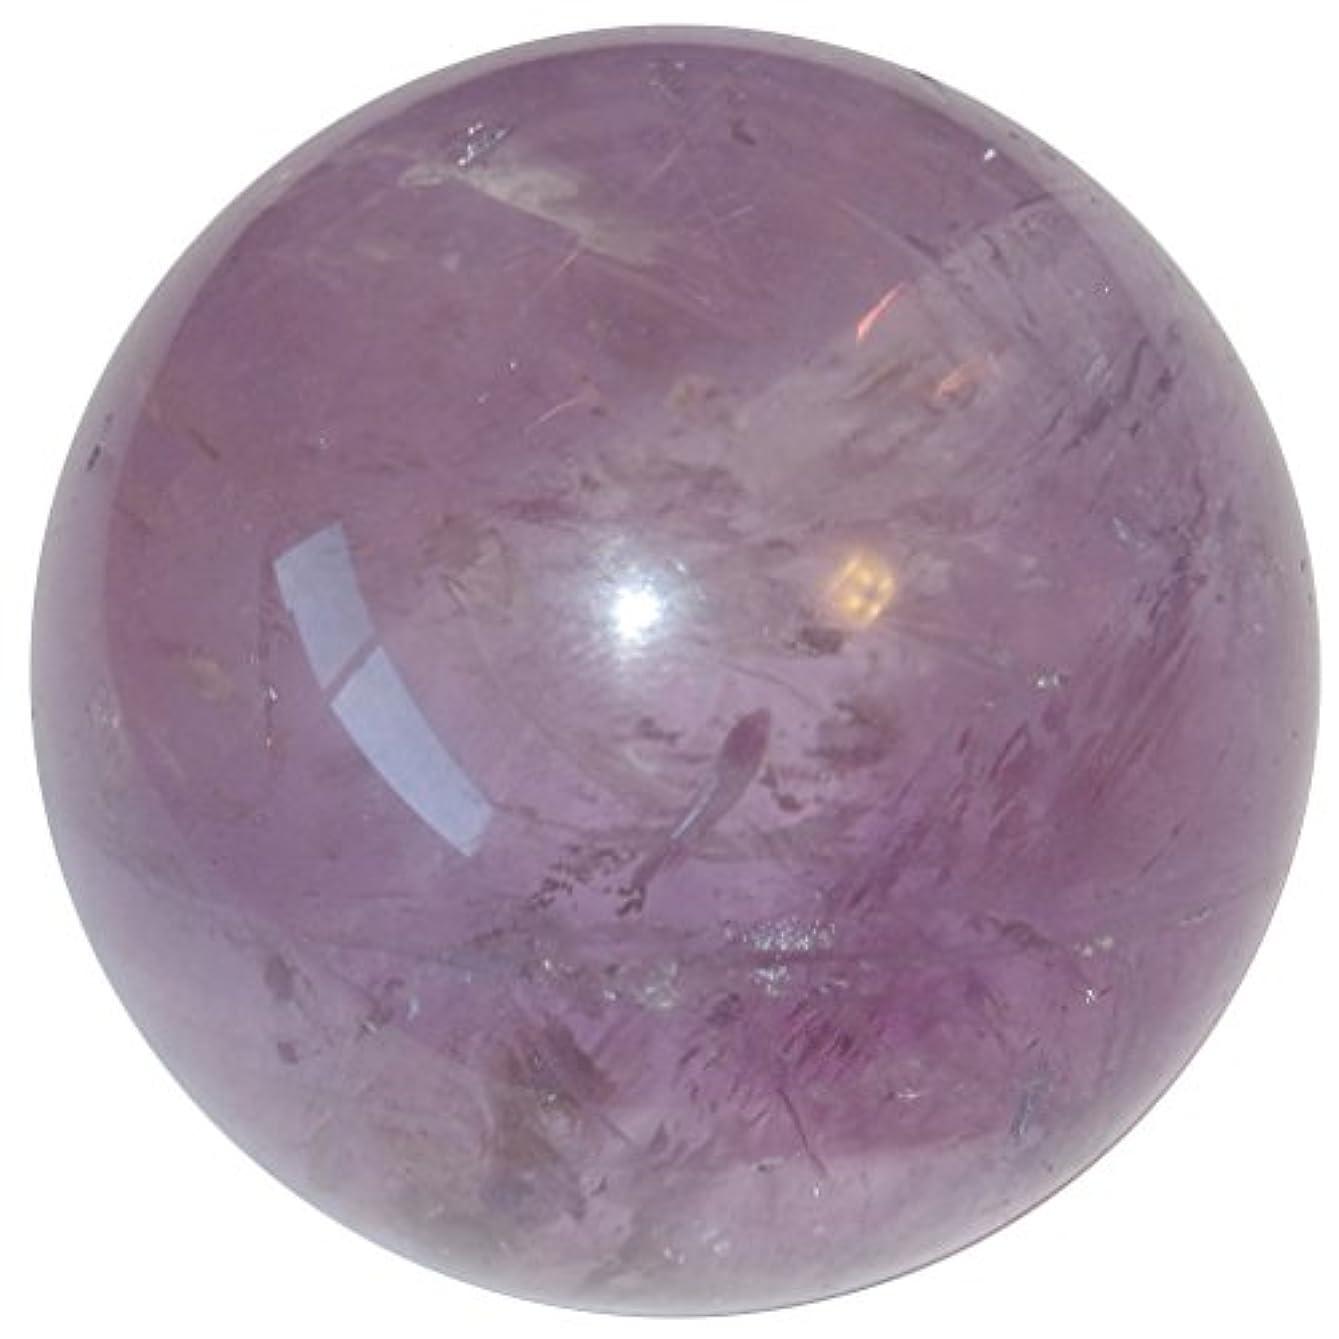 ガムバルセロナ暗殺者サテンクリスタルアメジストボールプレミアムクリアパープルバイオレットレインボー球SpiritualエネルギーHealing Stoneブラジルp08 1.8 Inches パープル amethystball08-1.8